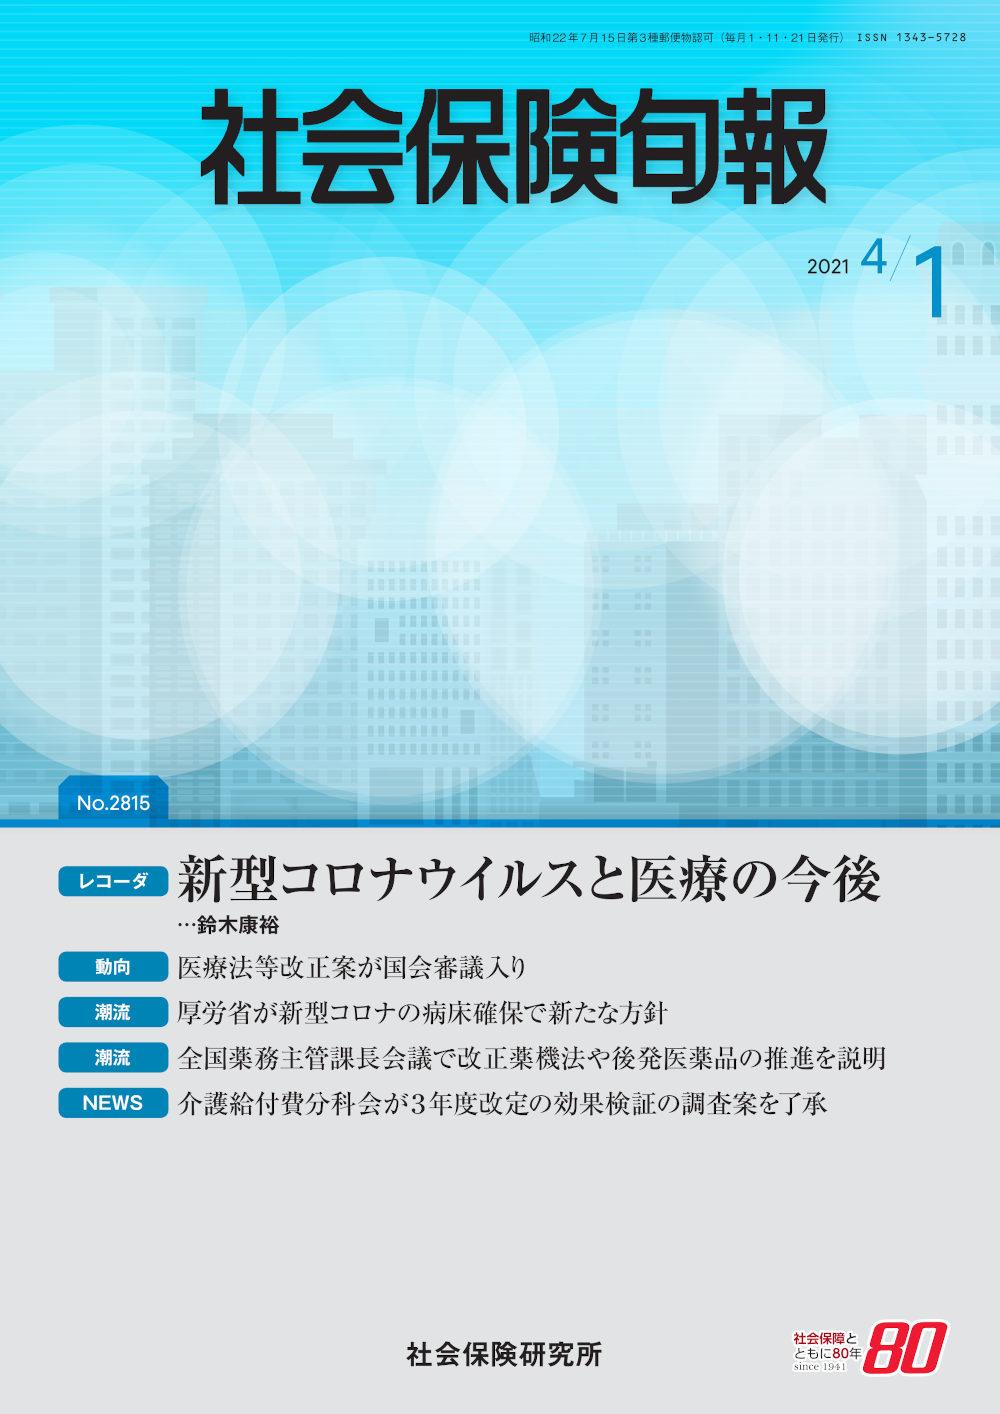 社会保険旬報表紙